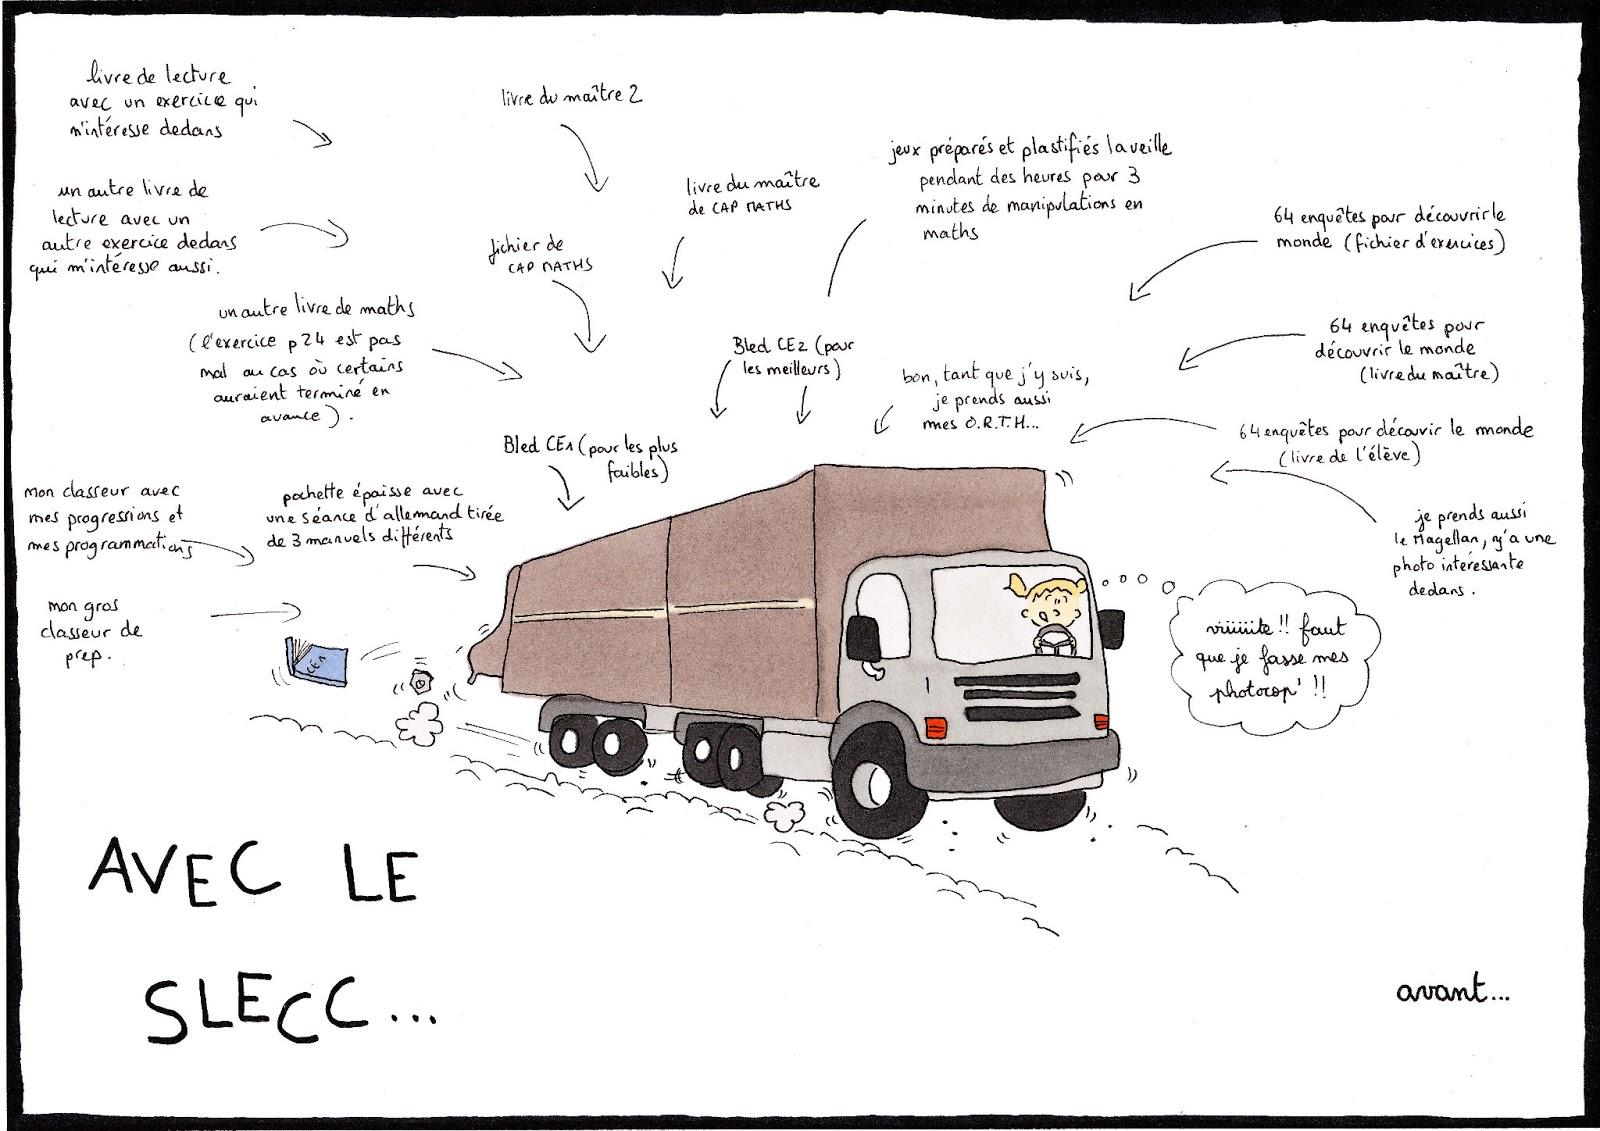 Projet SLECC : nouvelle formule - Page 6 Le+slecc,+c%27est+bon+pour+la+plan%C3%A8te+1